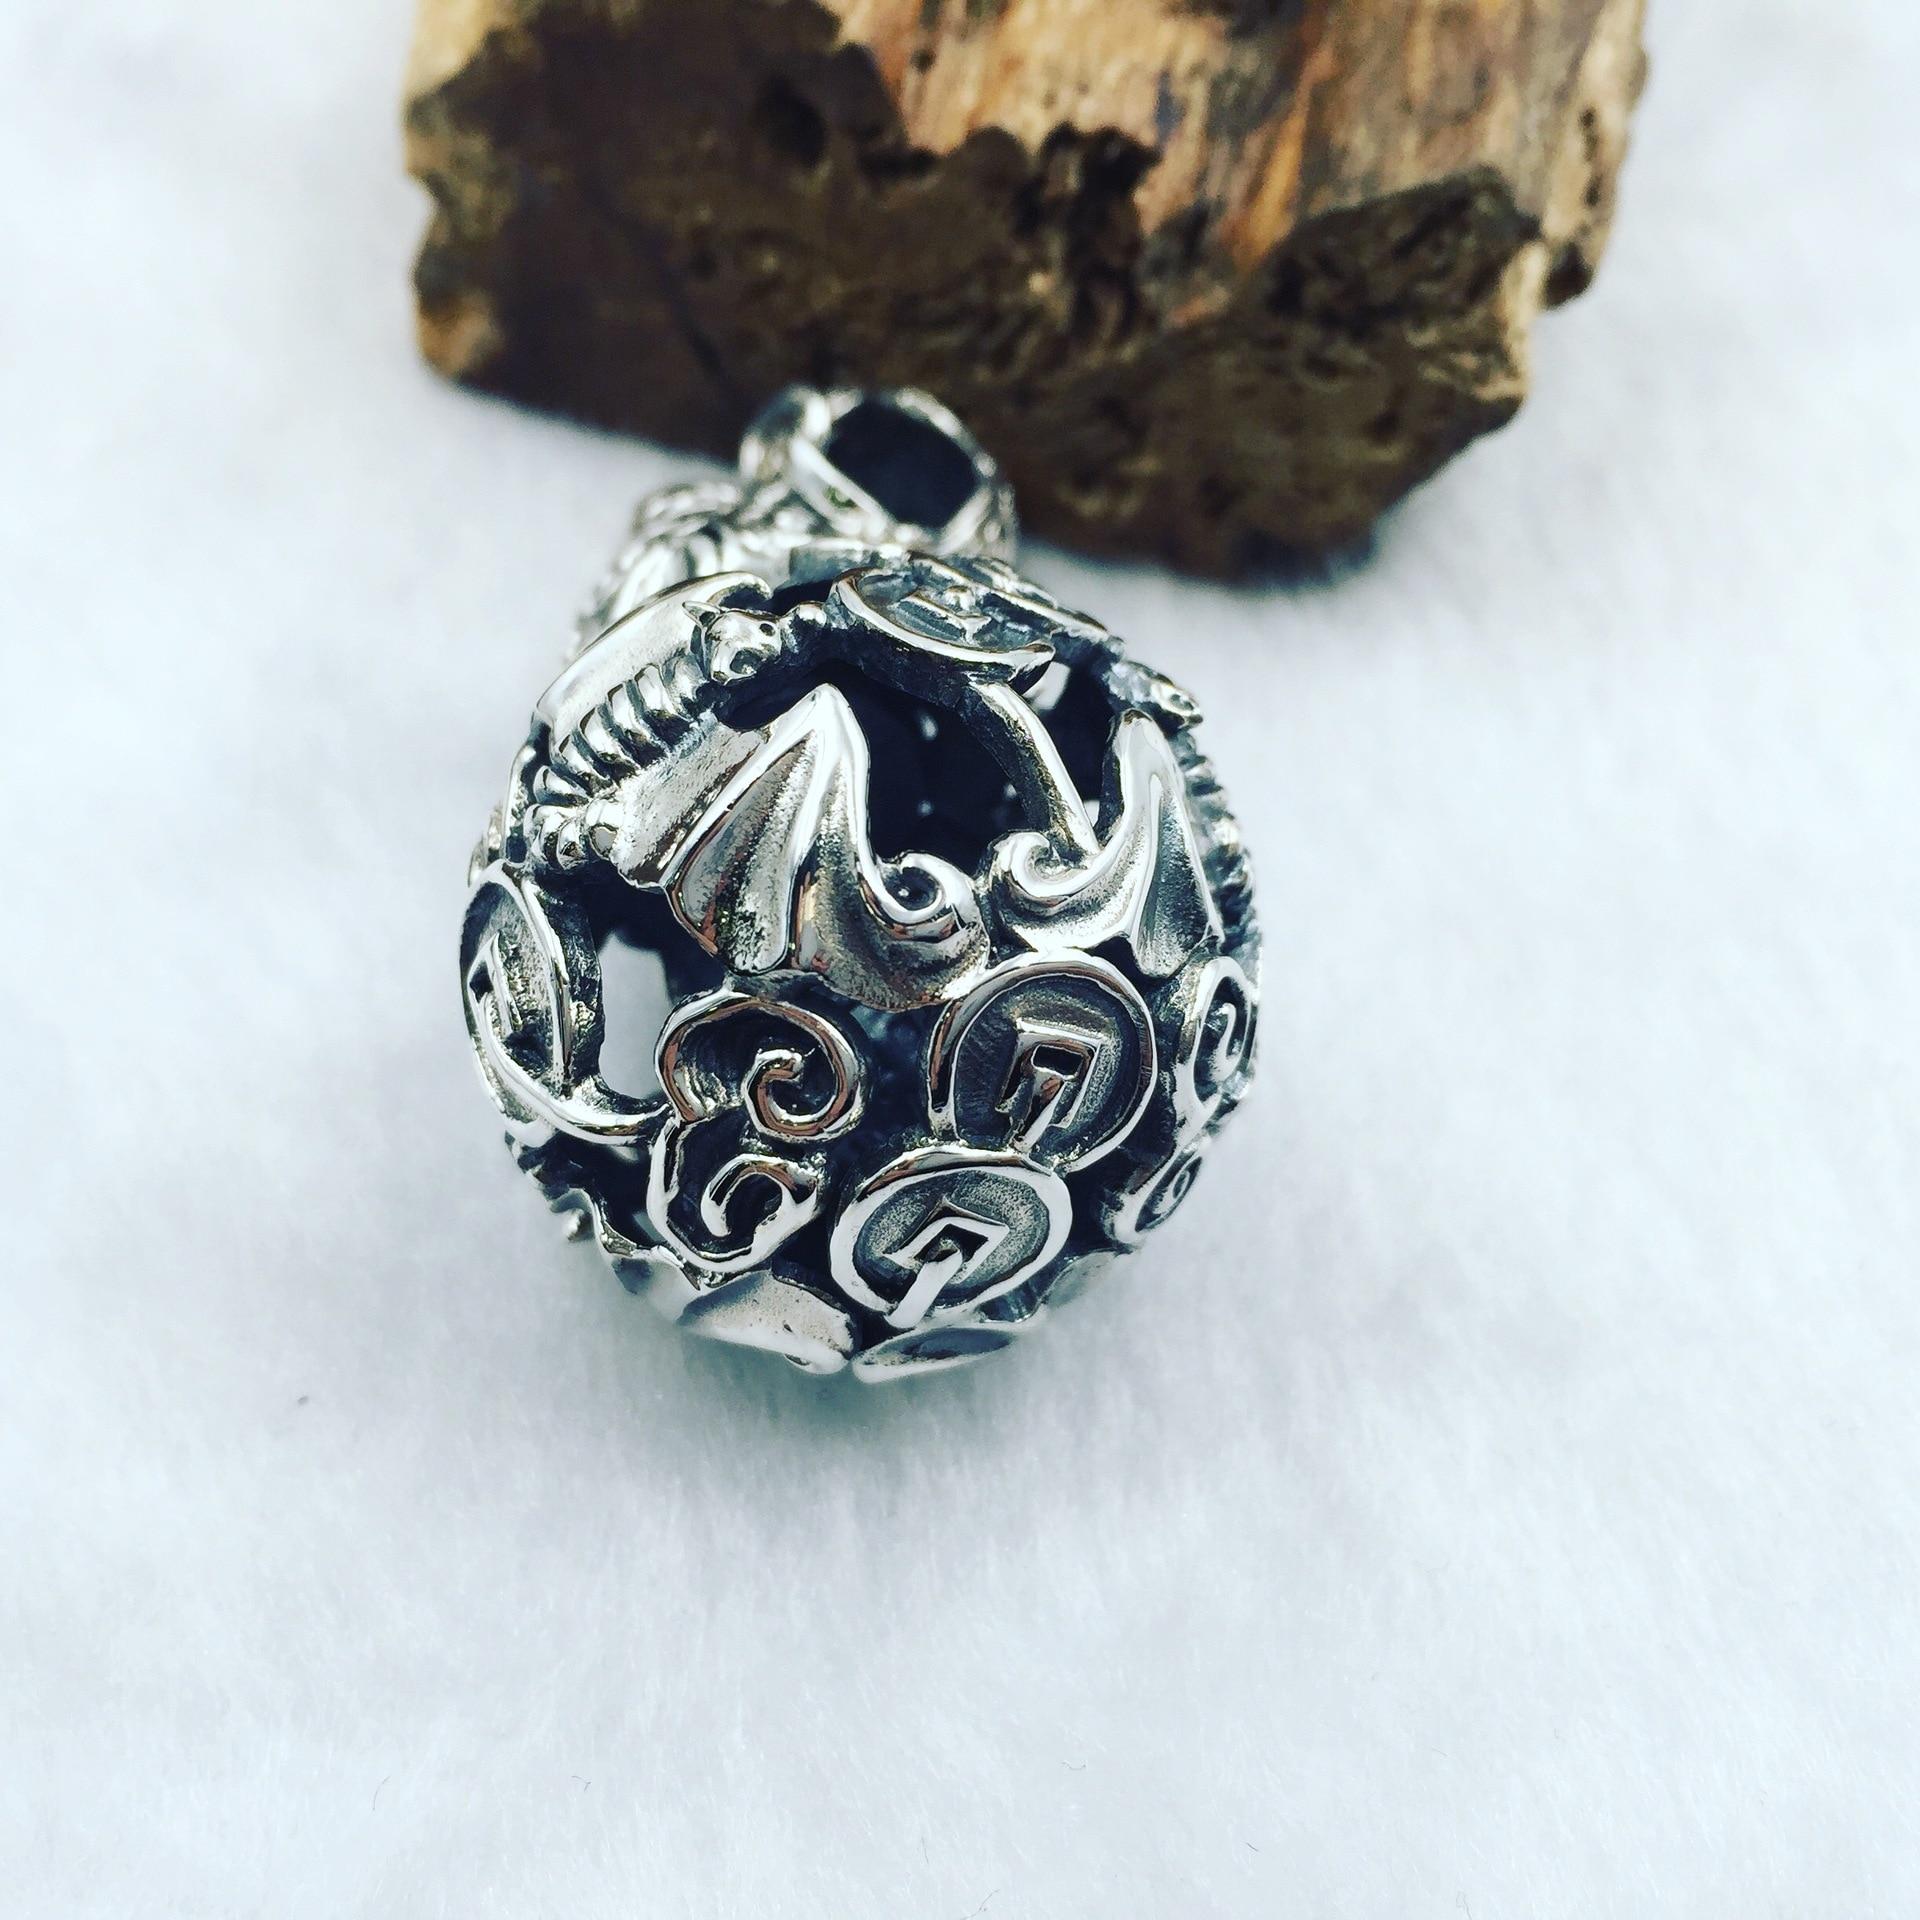 Gli antichi in argento Thai argento soldi genuino S925 Ciondolo In Argento campana appesa pipistrello zucca può ruotare produttori diretti - 3